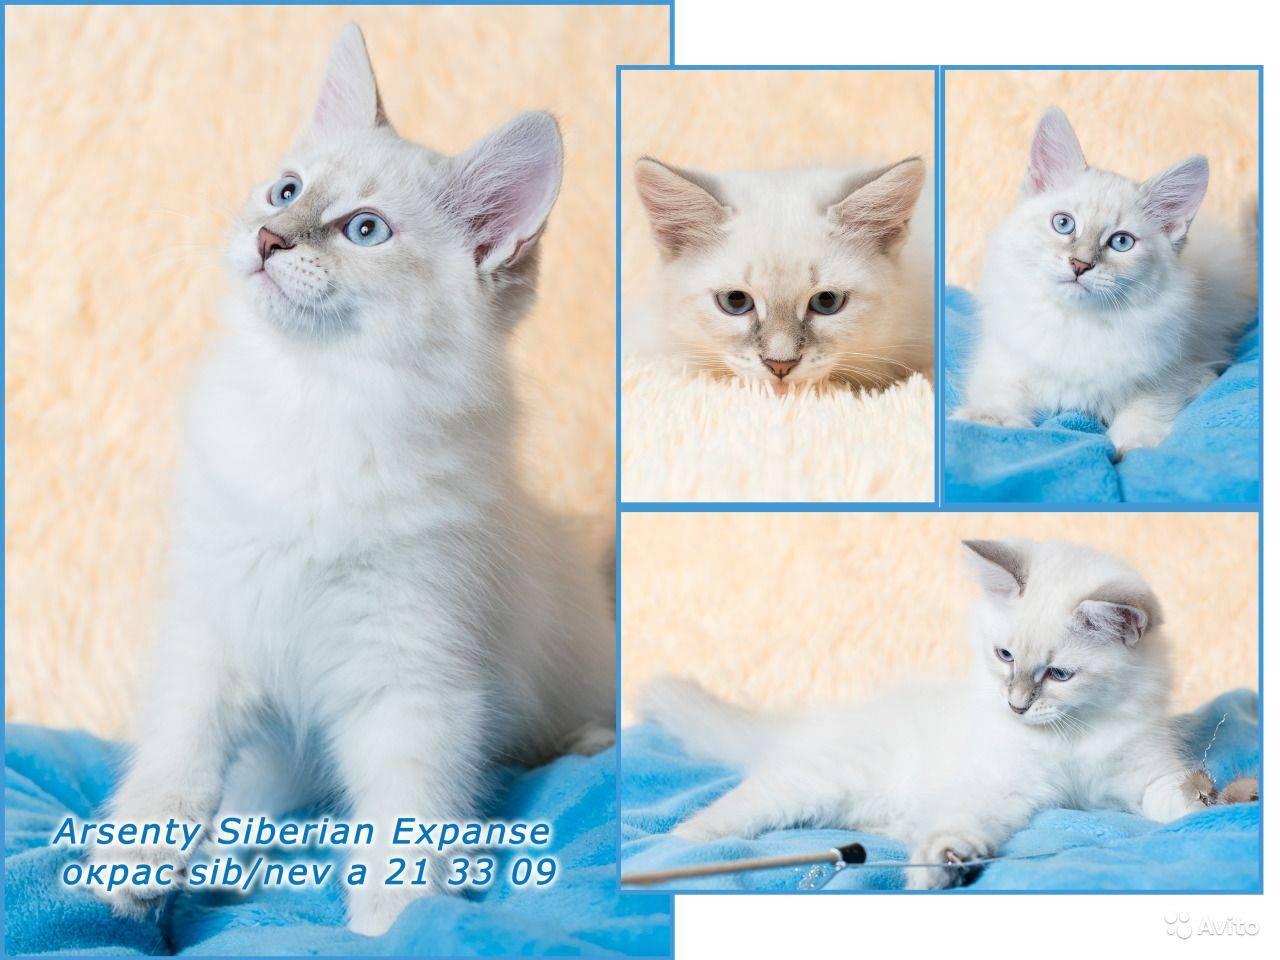 Сибирская кошка: описание внешности и характера породы, уход за питомцем и его содержание, выбор котёнка, фото и характеристика кота